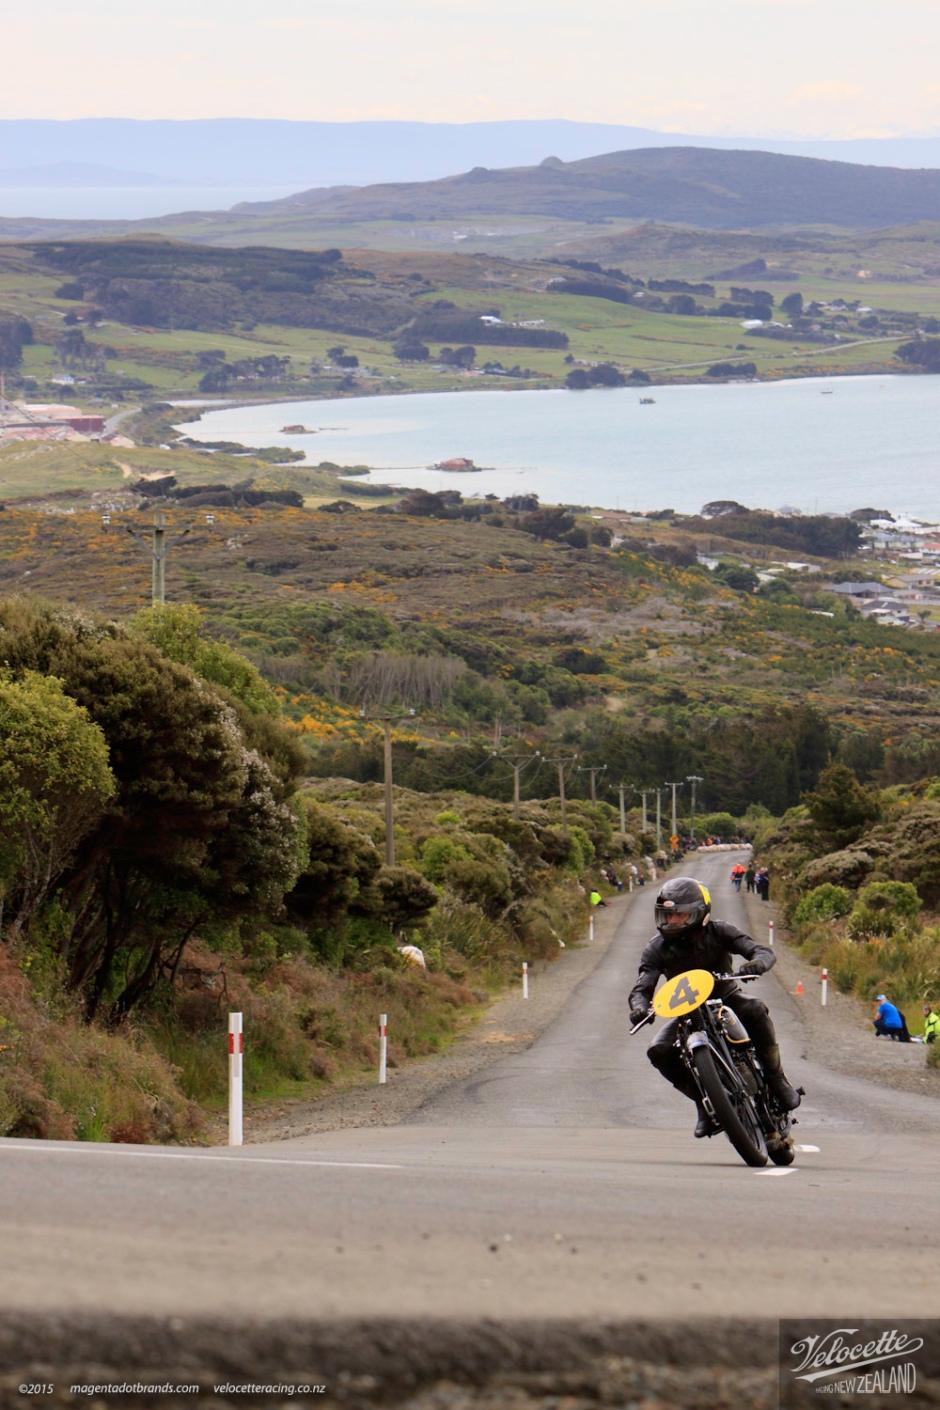 Big Velo 500, Bill Biber, Bluff Hill, Bluff HIll Climb, Burt Munro Challenge, Flagstaff Road, Motupohue, NZ Hill Climb Champs, Rider 4, Velocette